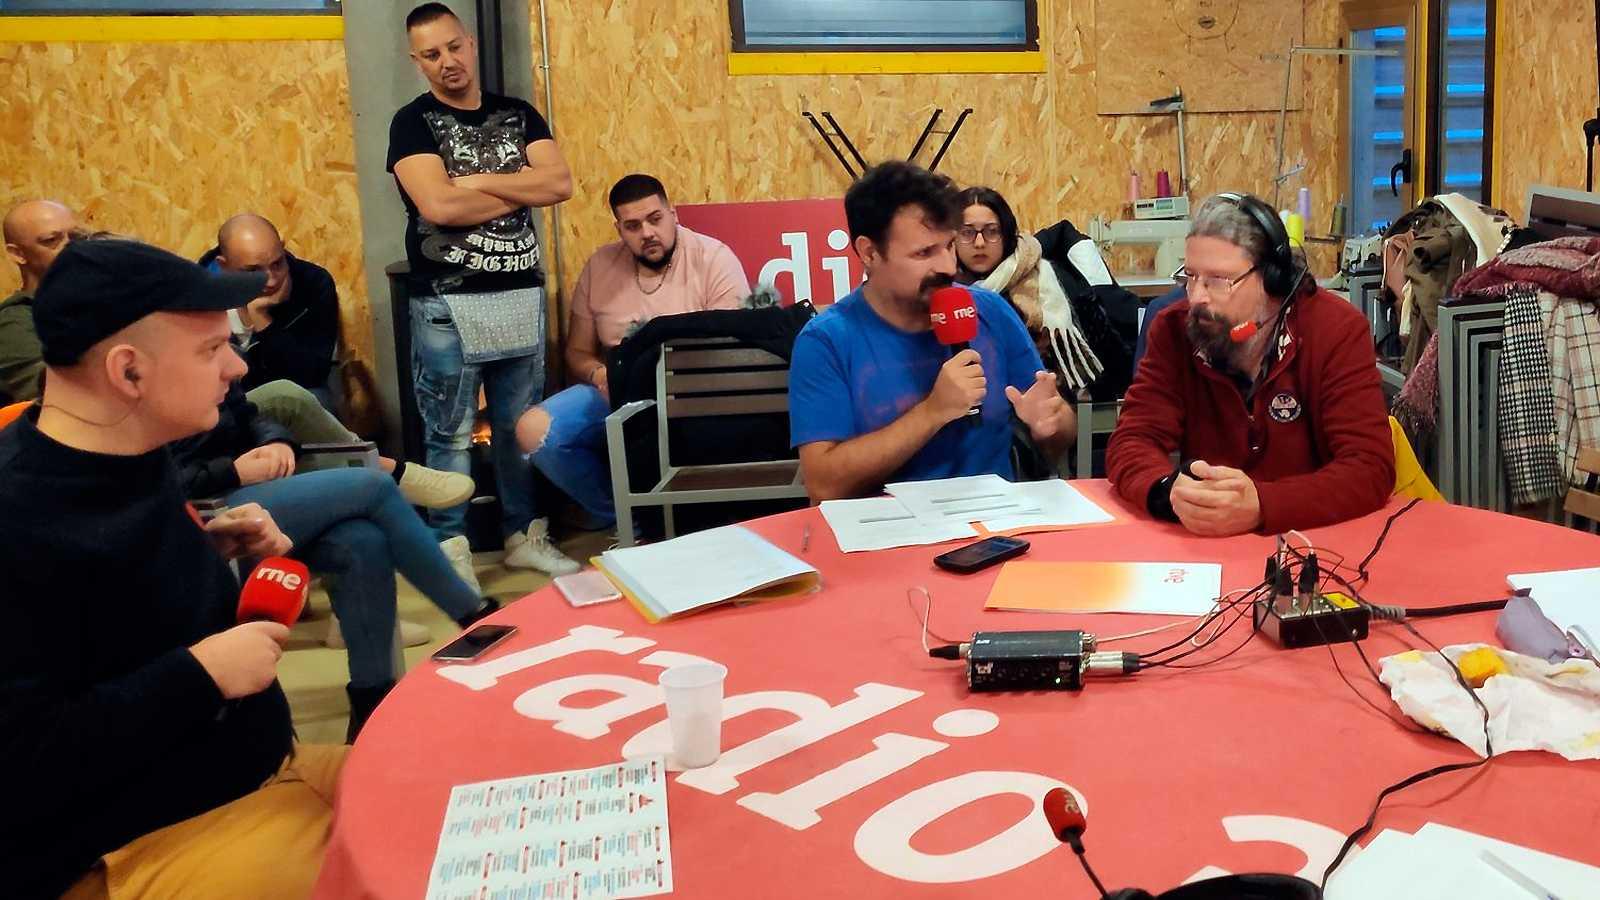 Hoy empieza todo con Ángel Carmona - Desde la Cañada Real - 21/11/19 - escuchar ahora